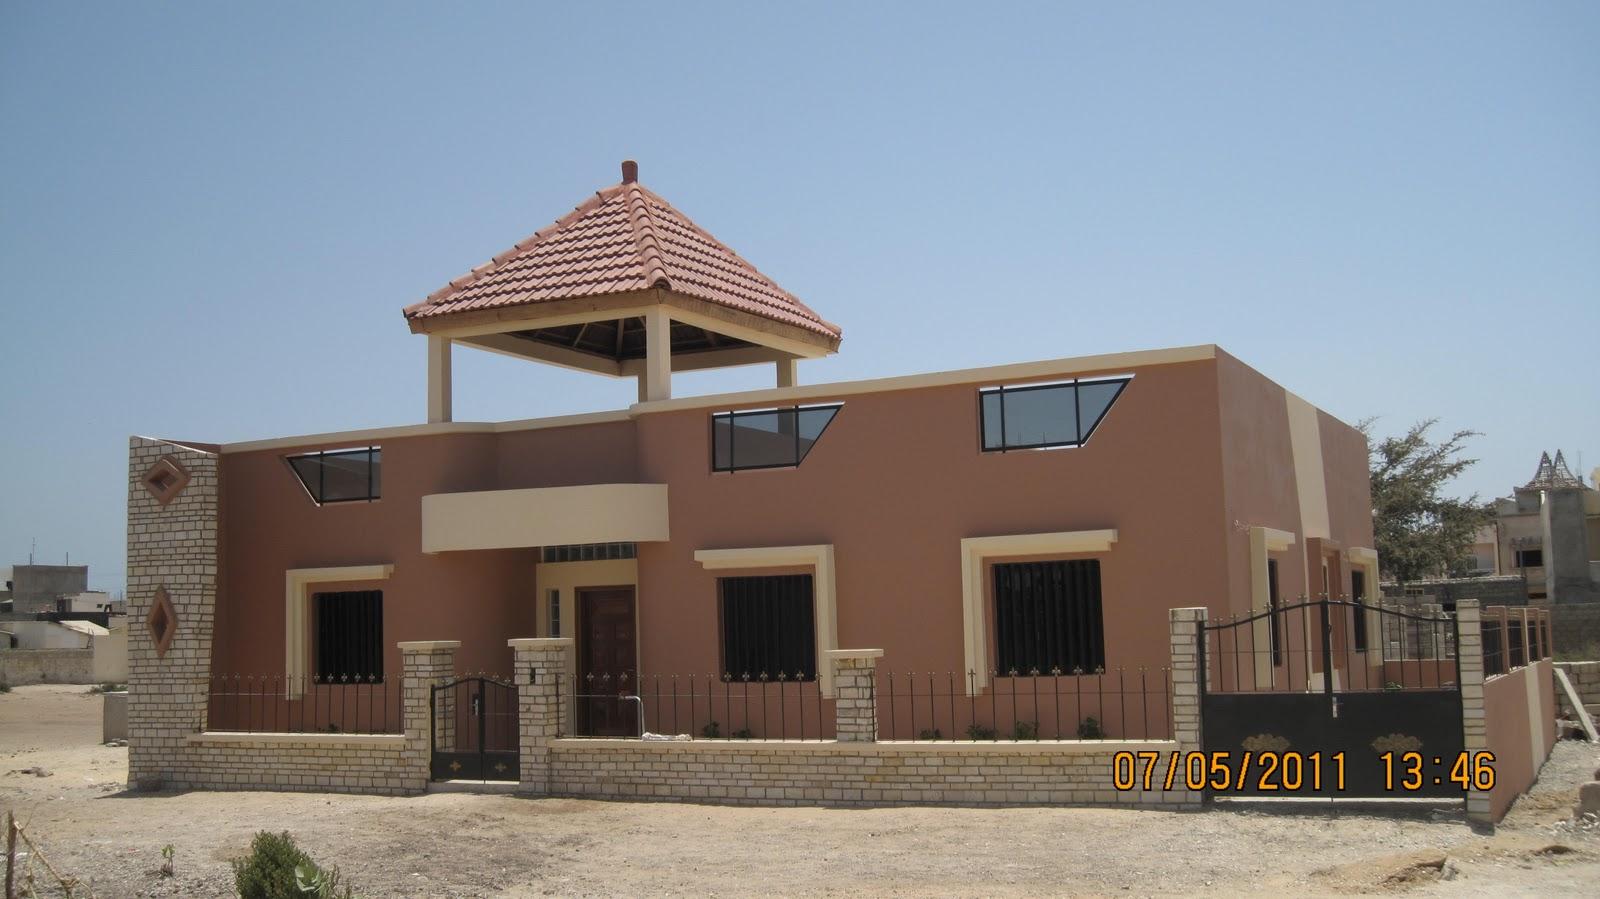 Villa vendre zac mbao prix f cfa pour 03 for Salon a vendre a dakar